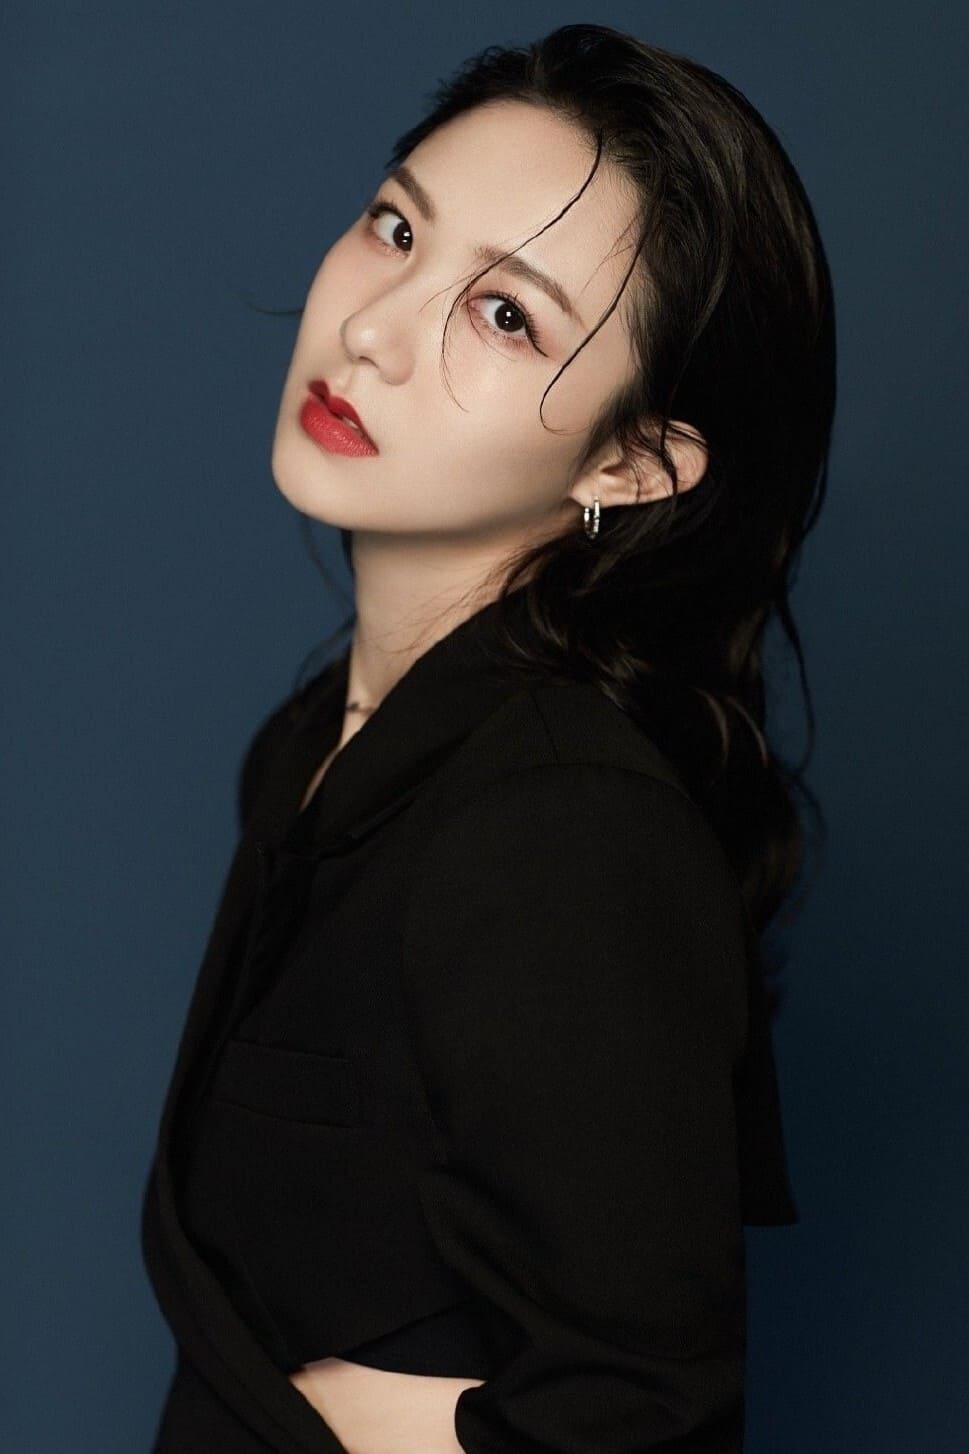 Jin Le